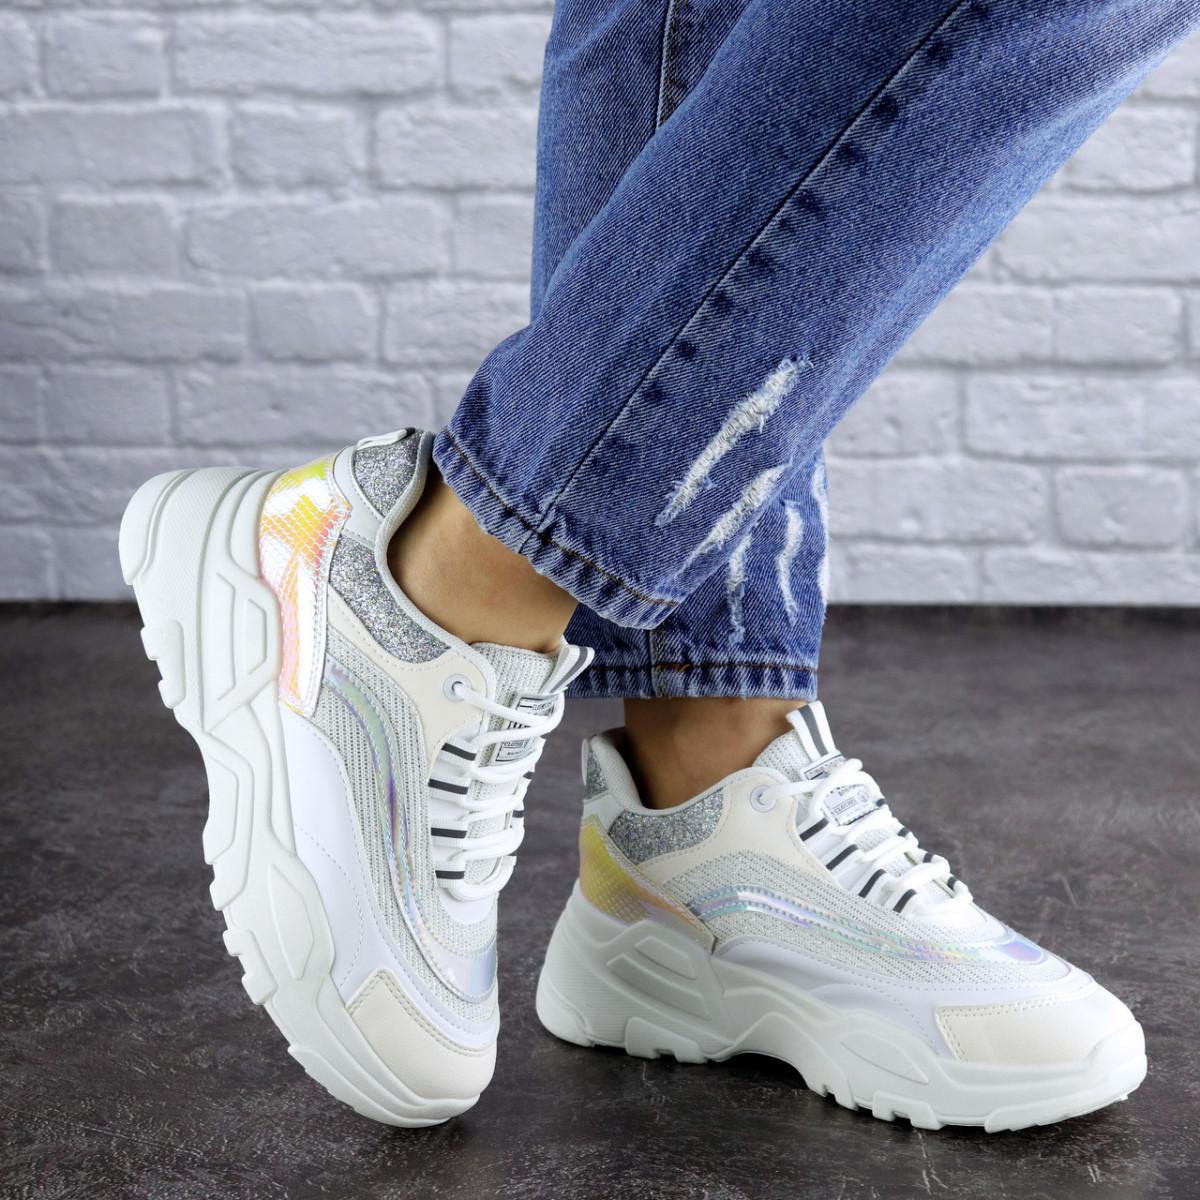 Женские белые кроссовки Ferris 1749 (36 размер)